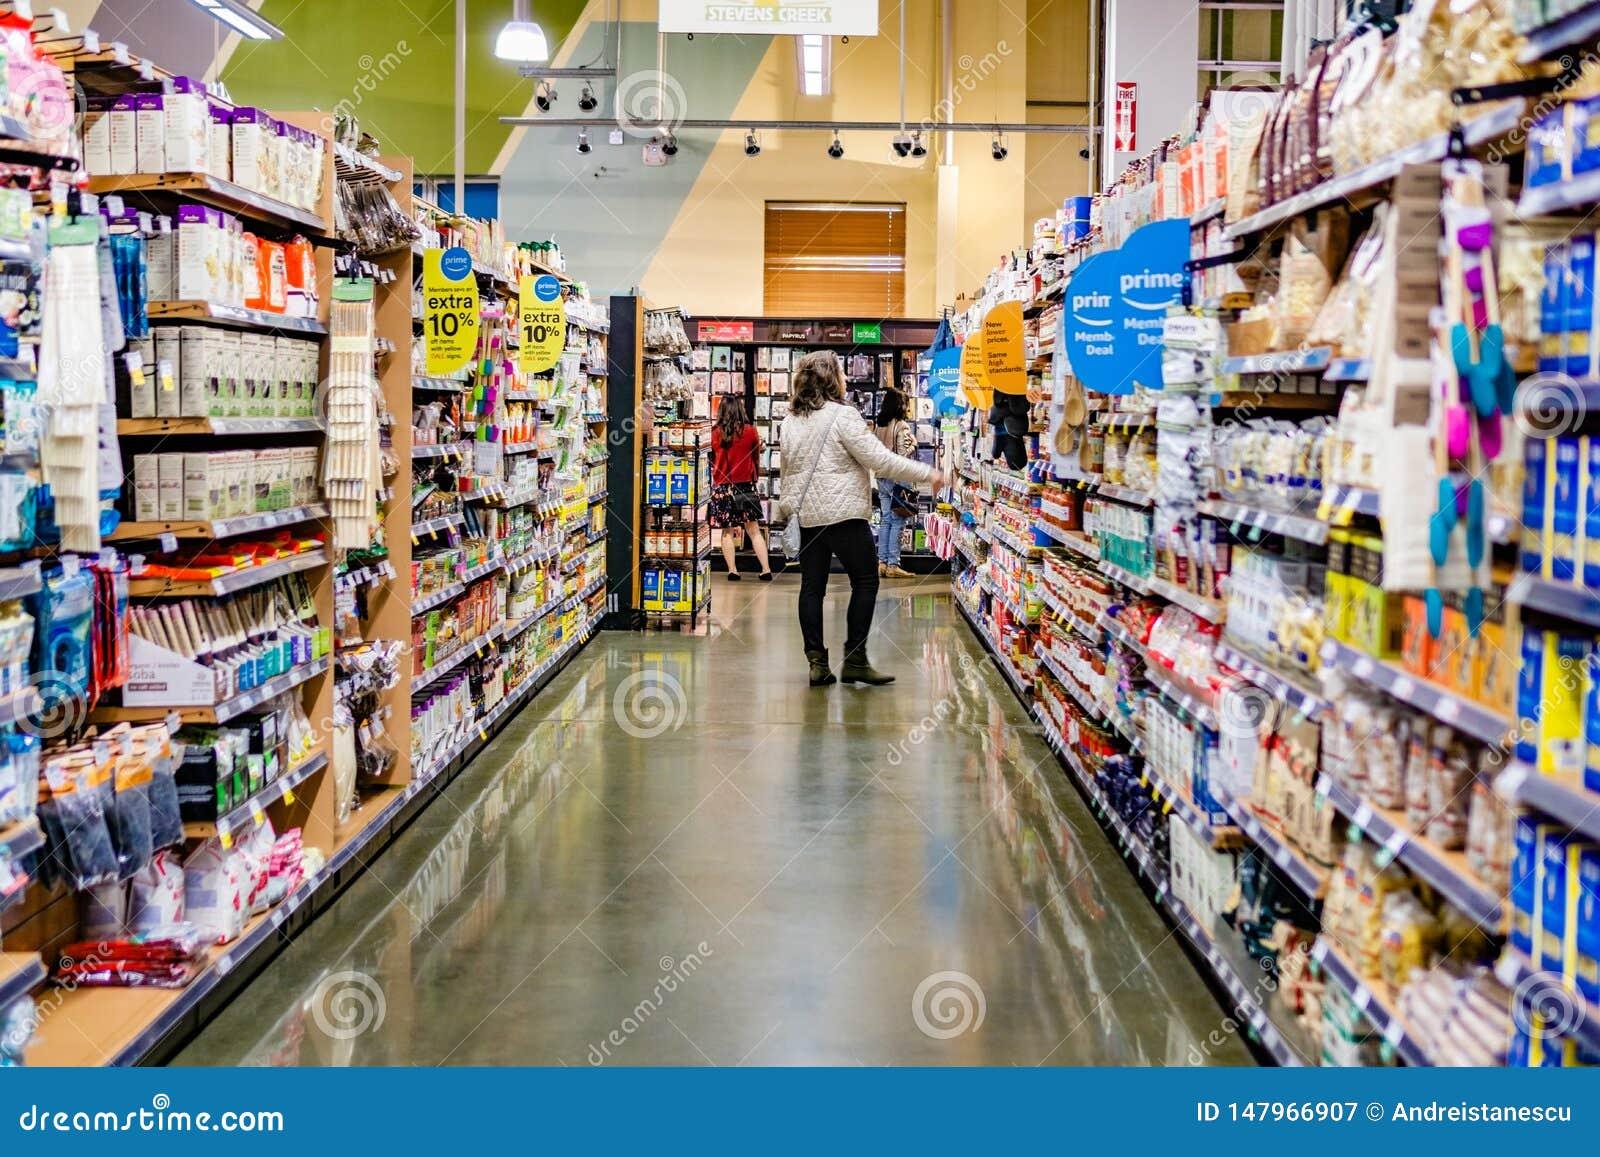 17 de mayo de 2019 Cupertino/CA/los E.E.U.U. - la vista de un pasillo en una tienda de Whole Foods, miembro del Amazon Prime ofre